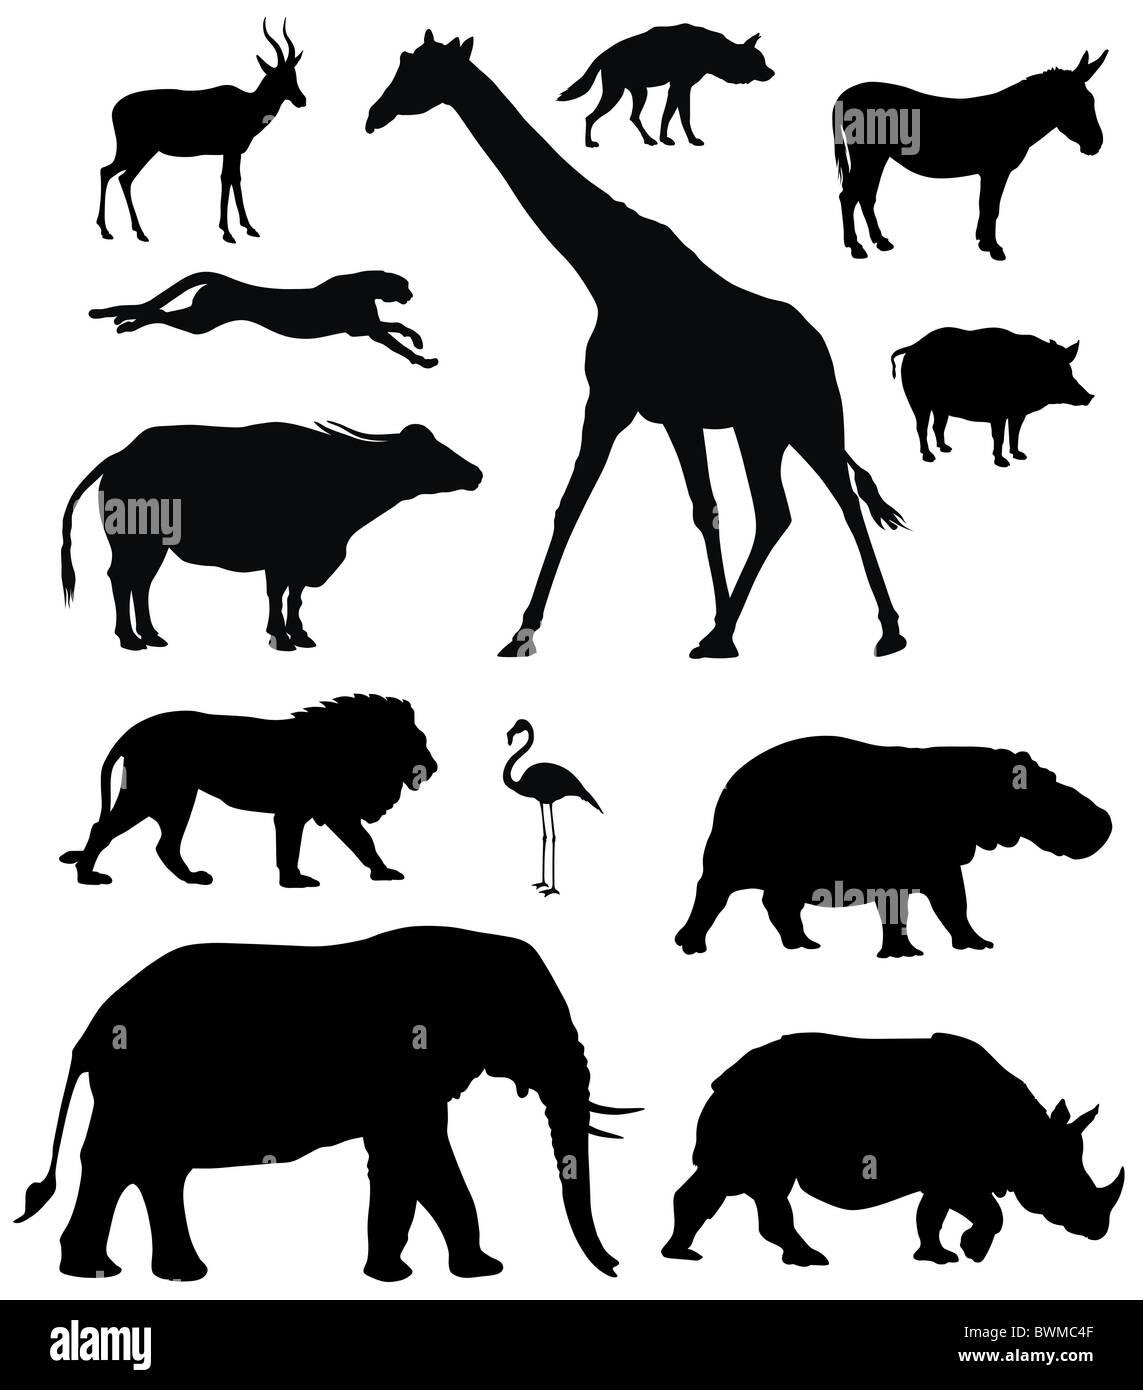 Illustrazione di africana di sagome di animali Immagini Stock